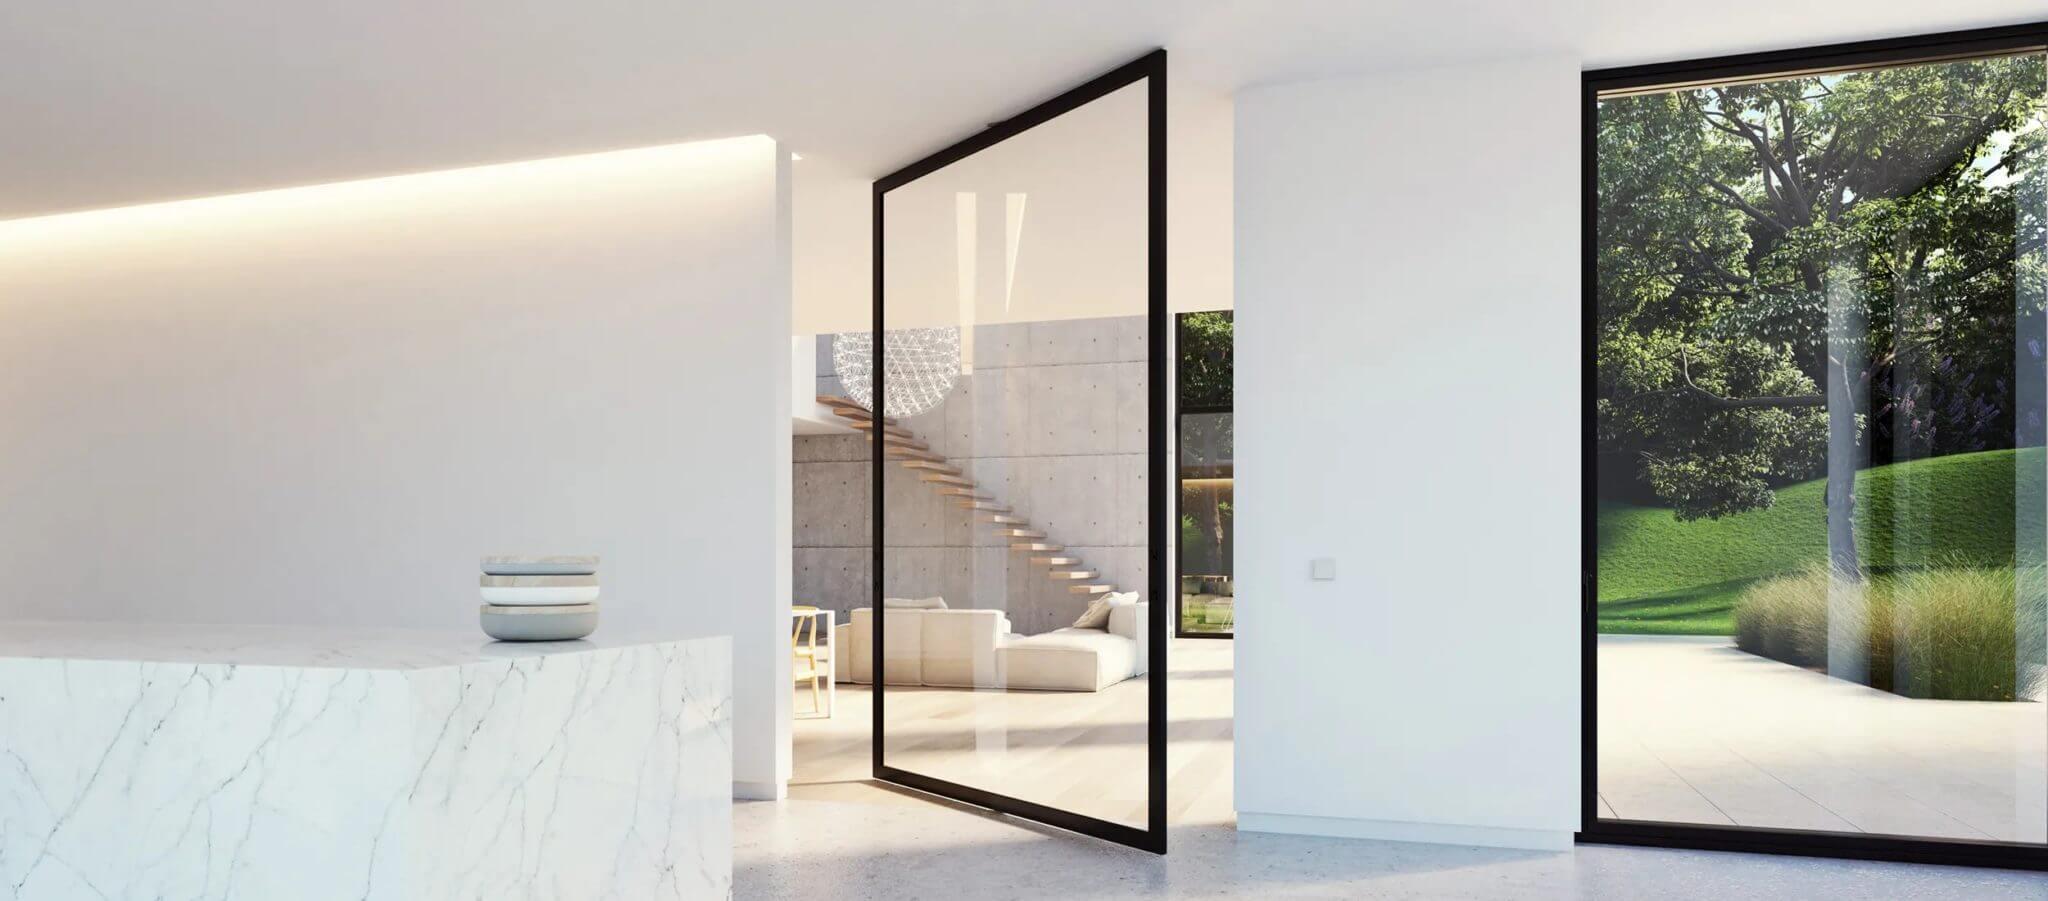 Fenêtre et porte pivotantes